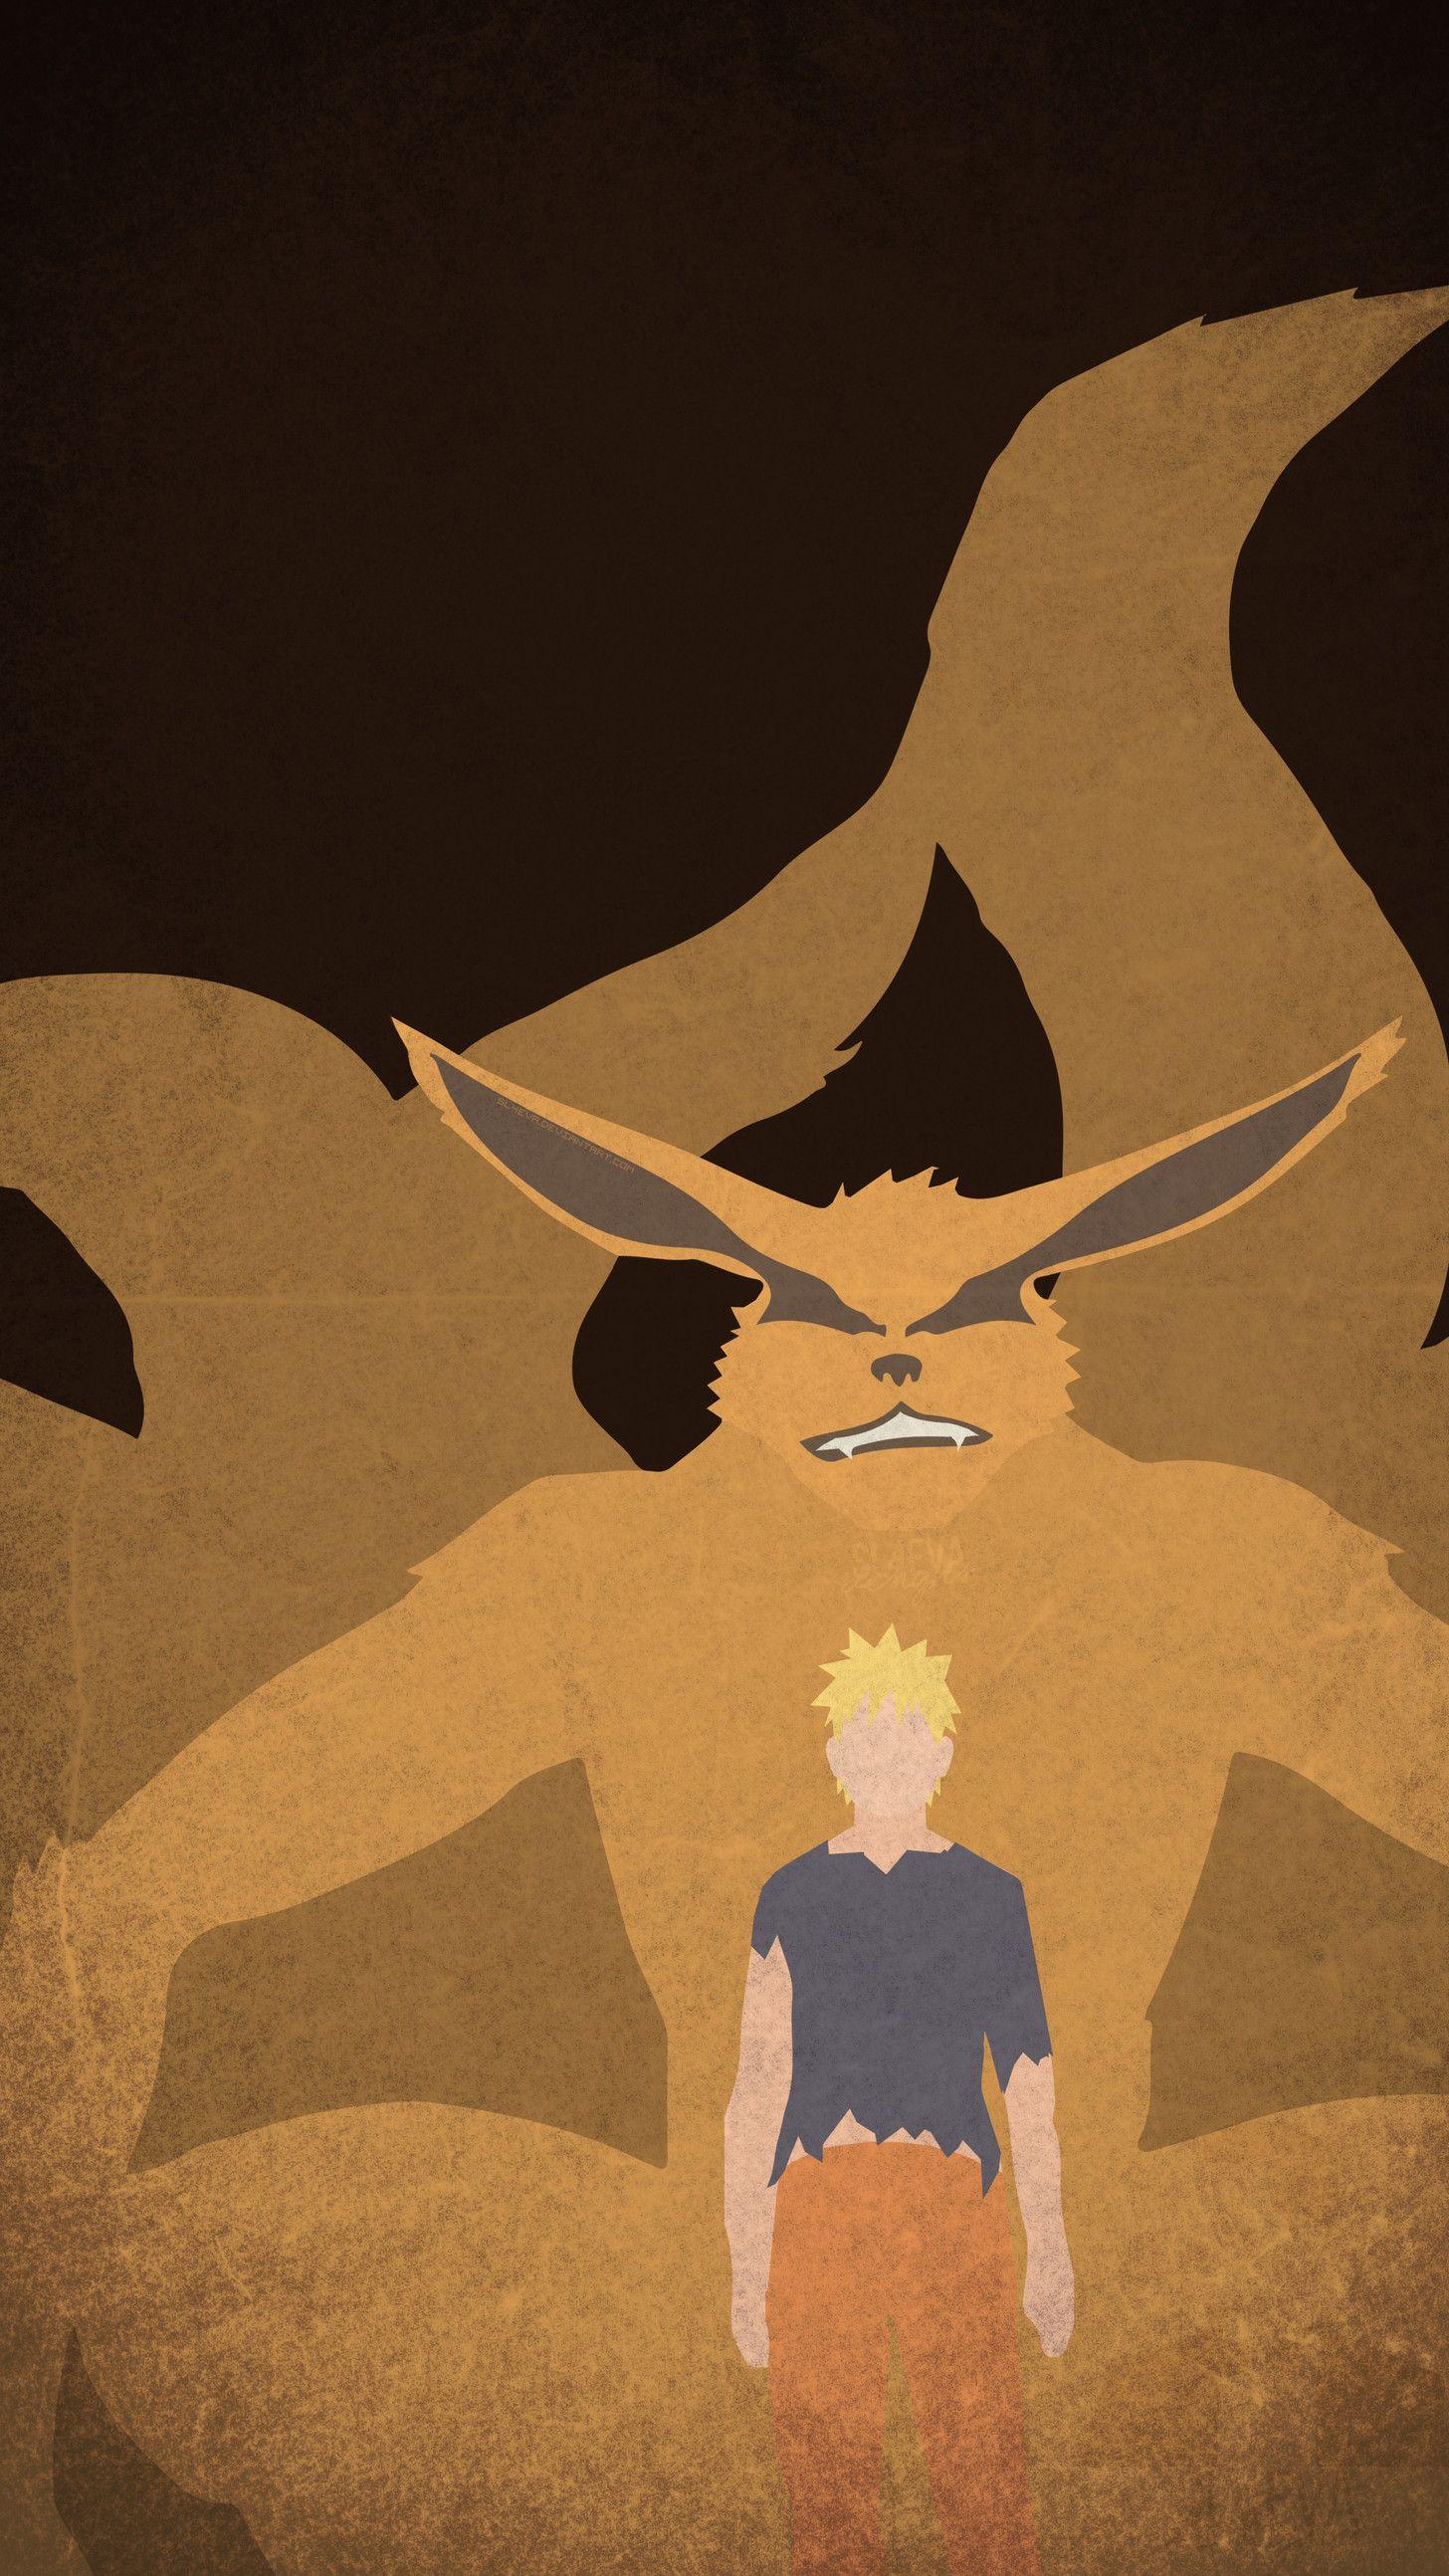 90 Naruto Minimalist Ideas Naruto Naruto Wallpaper Anime Naruto